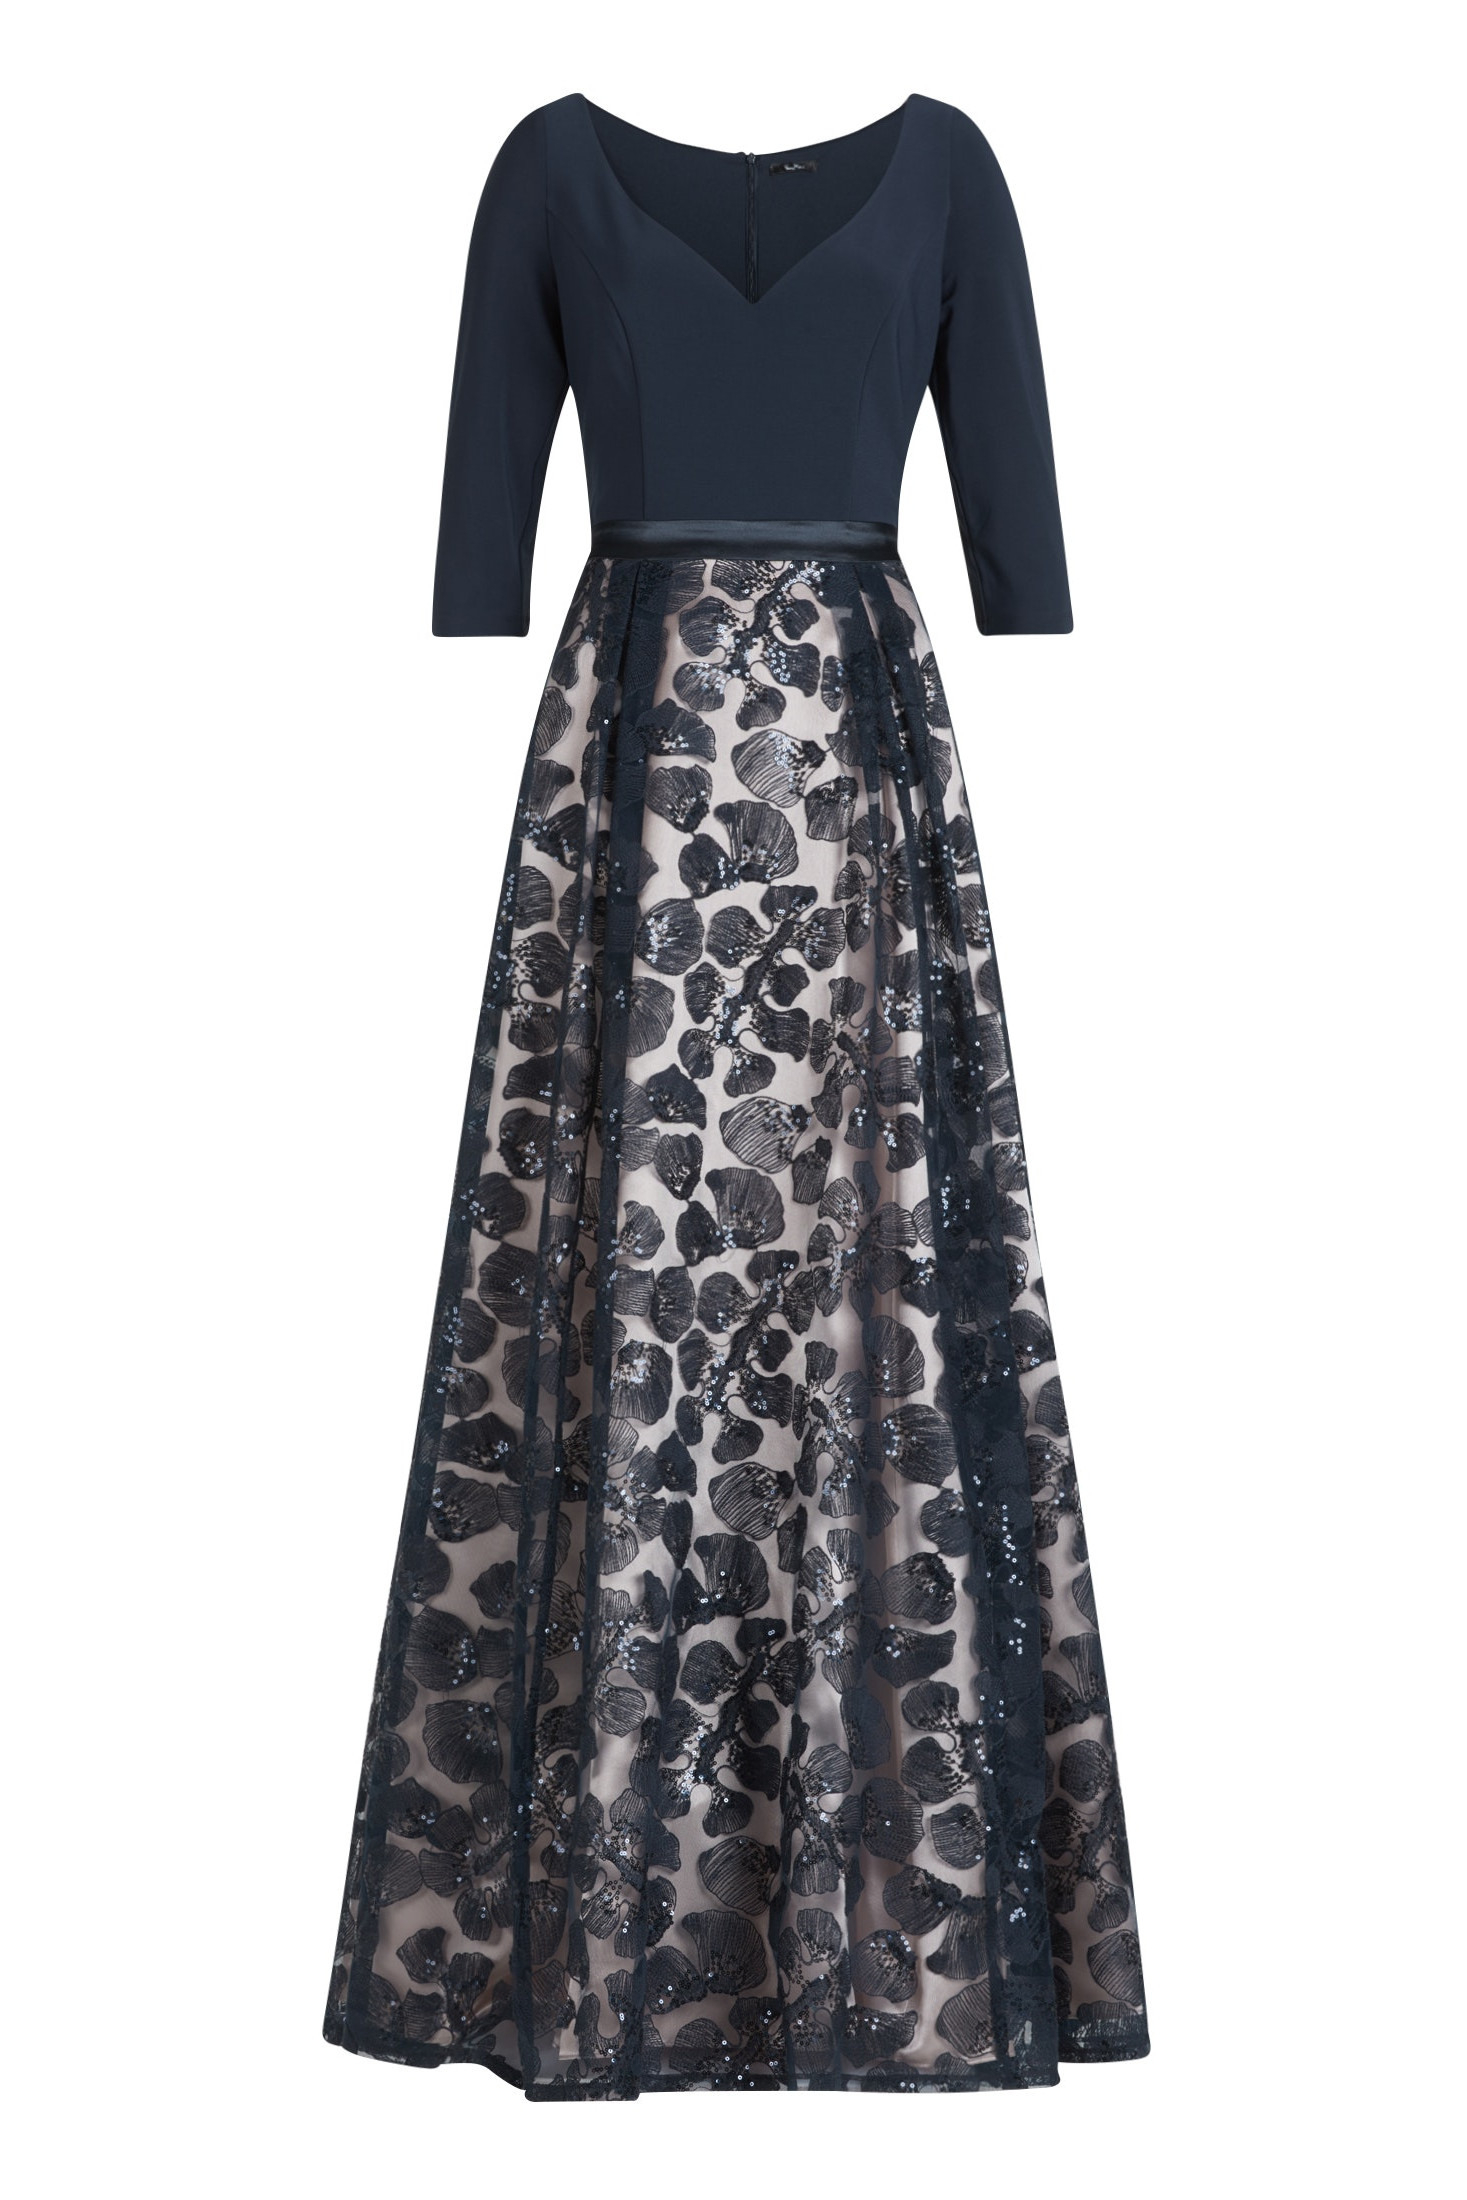 15 Elegant Abendkleider Mit Arm Boutique - Abendkleid